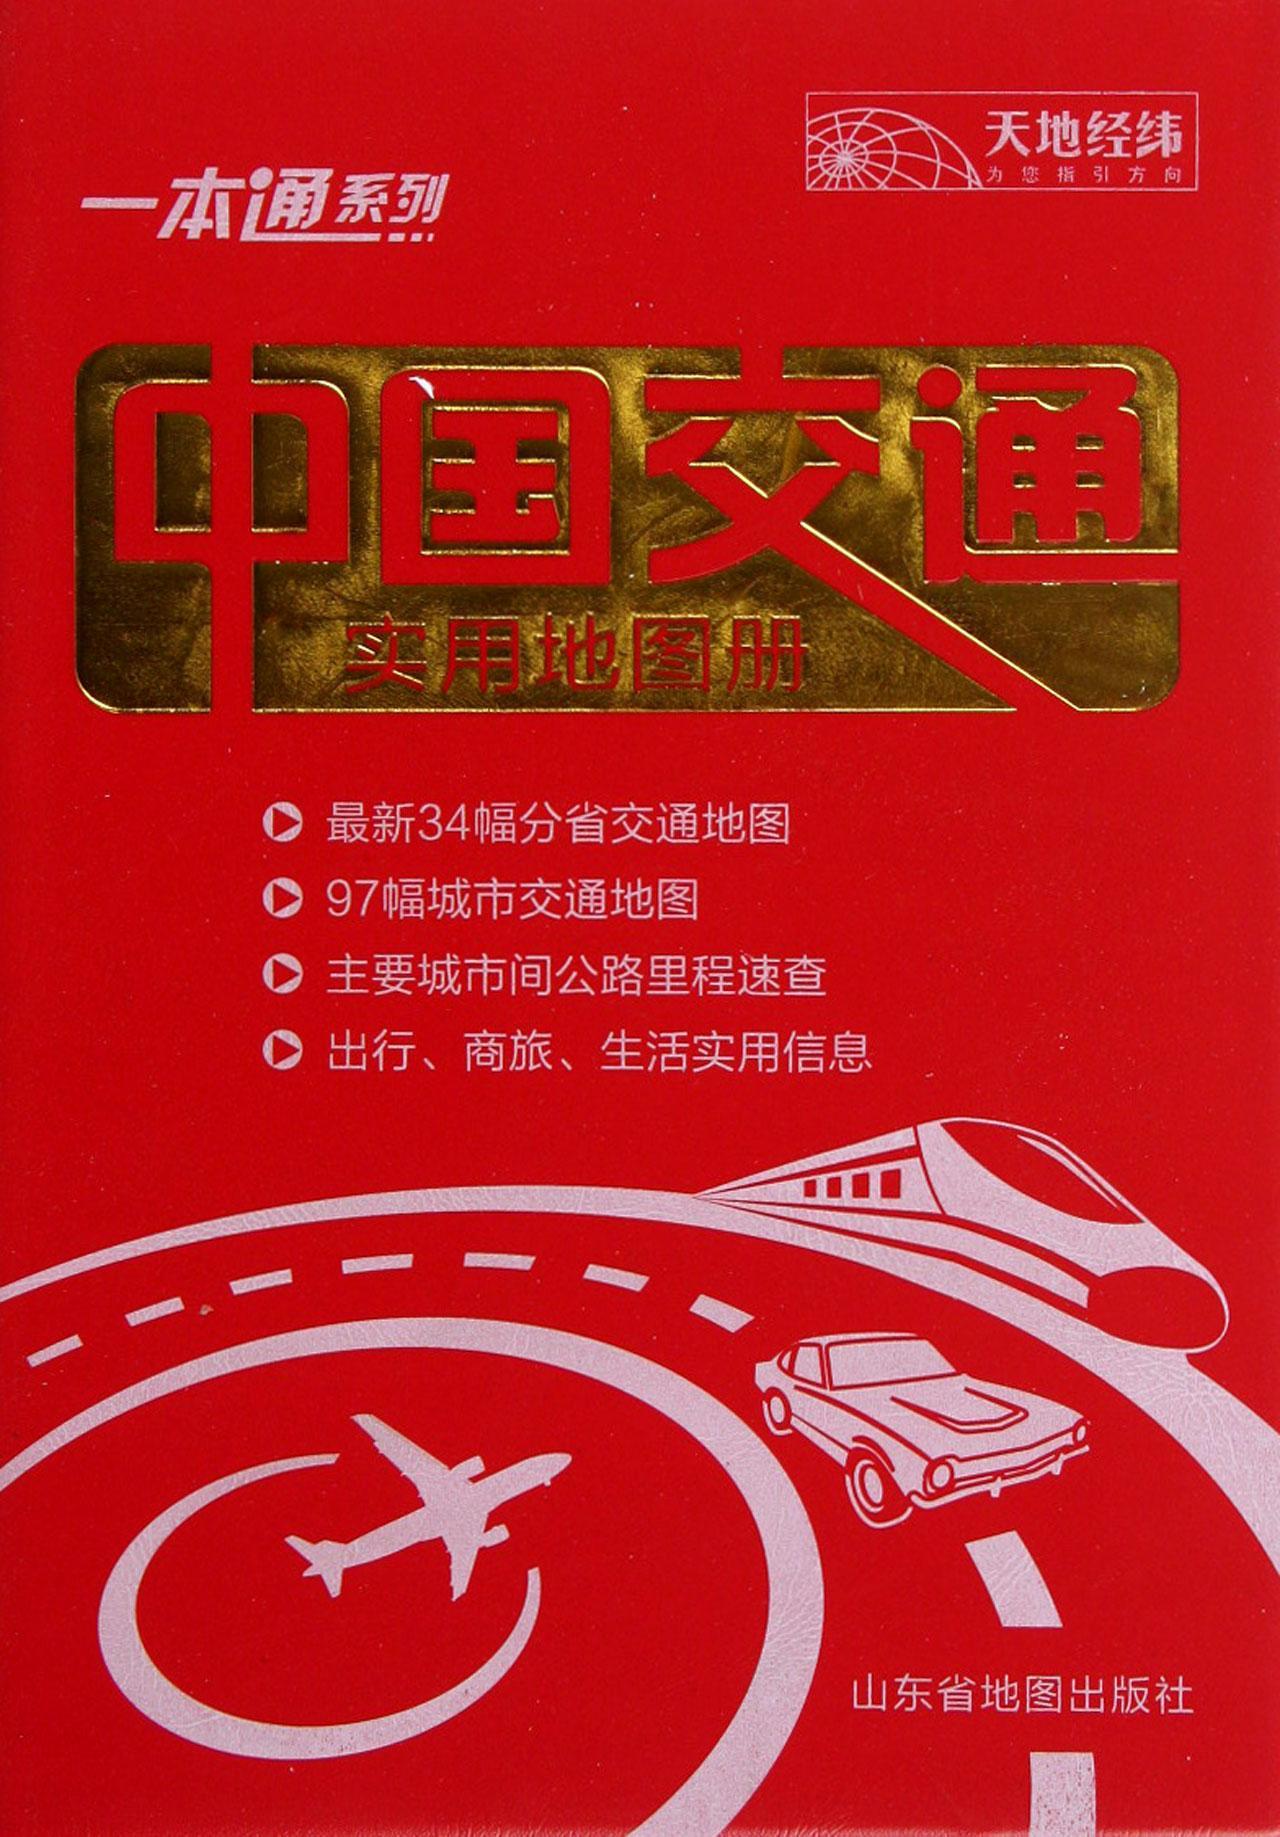 中国交通实用地图册 作者:山东省地图出版社出版社